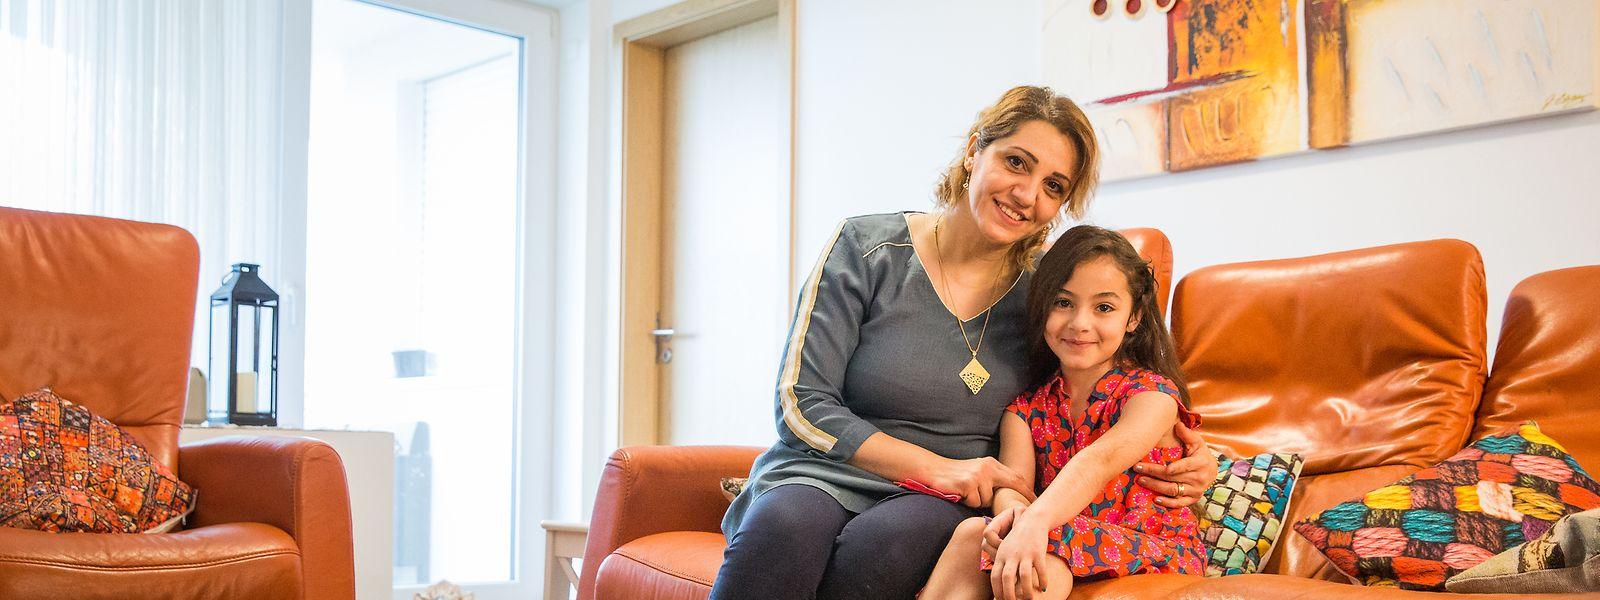 Sumyah Al-Rubaye mit ihrer siebenjährigen Tochter Mayar: Während die Mutter am Institut national des langues (INL) Französisch lernt, beherrscht ihr Sprössling die luxemburgische Sprache nahezu perfekt.